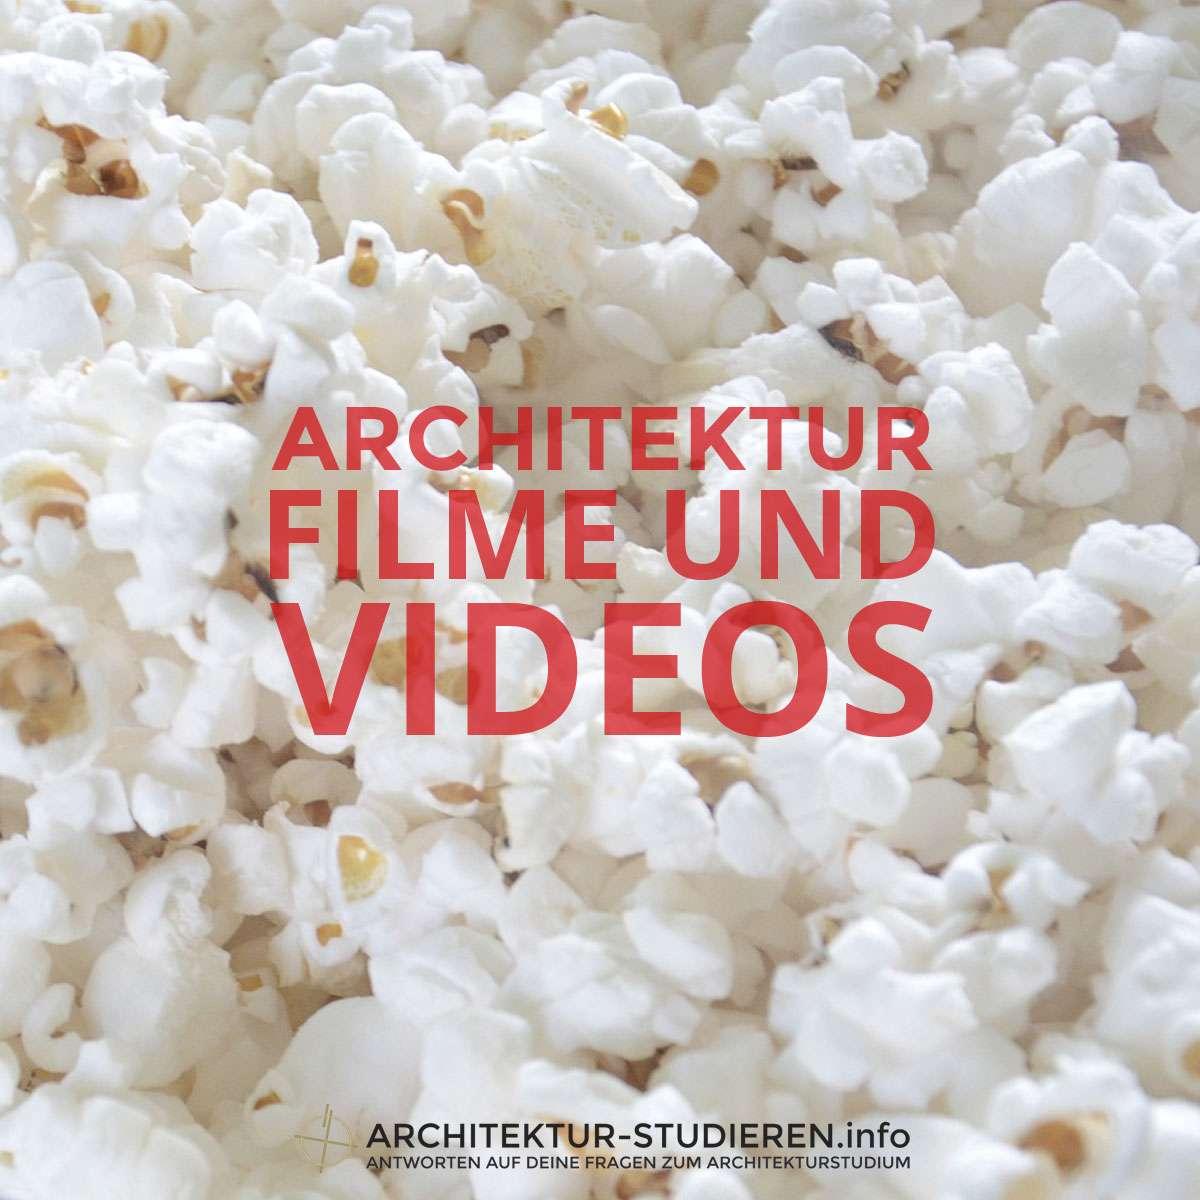 Architekturfilme und -videos | © Architektur-studieren.info